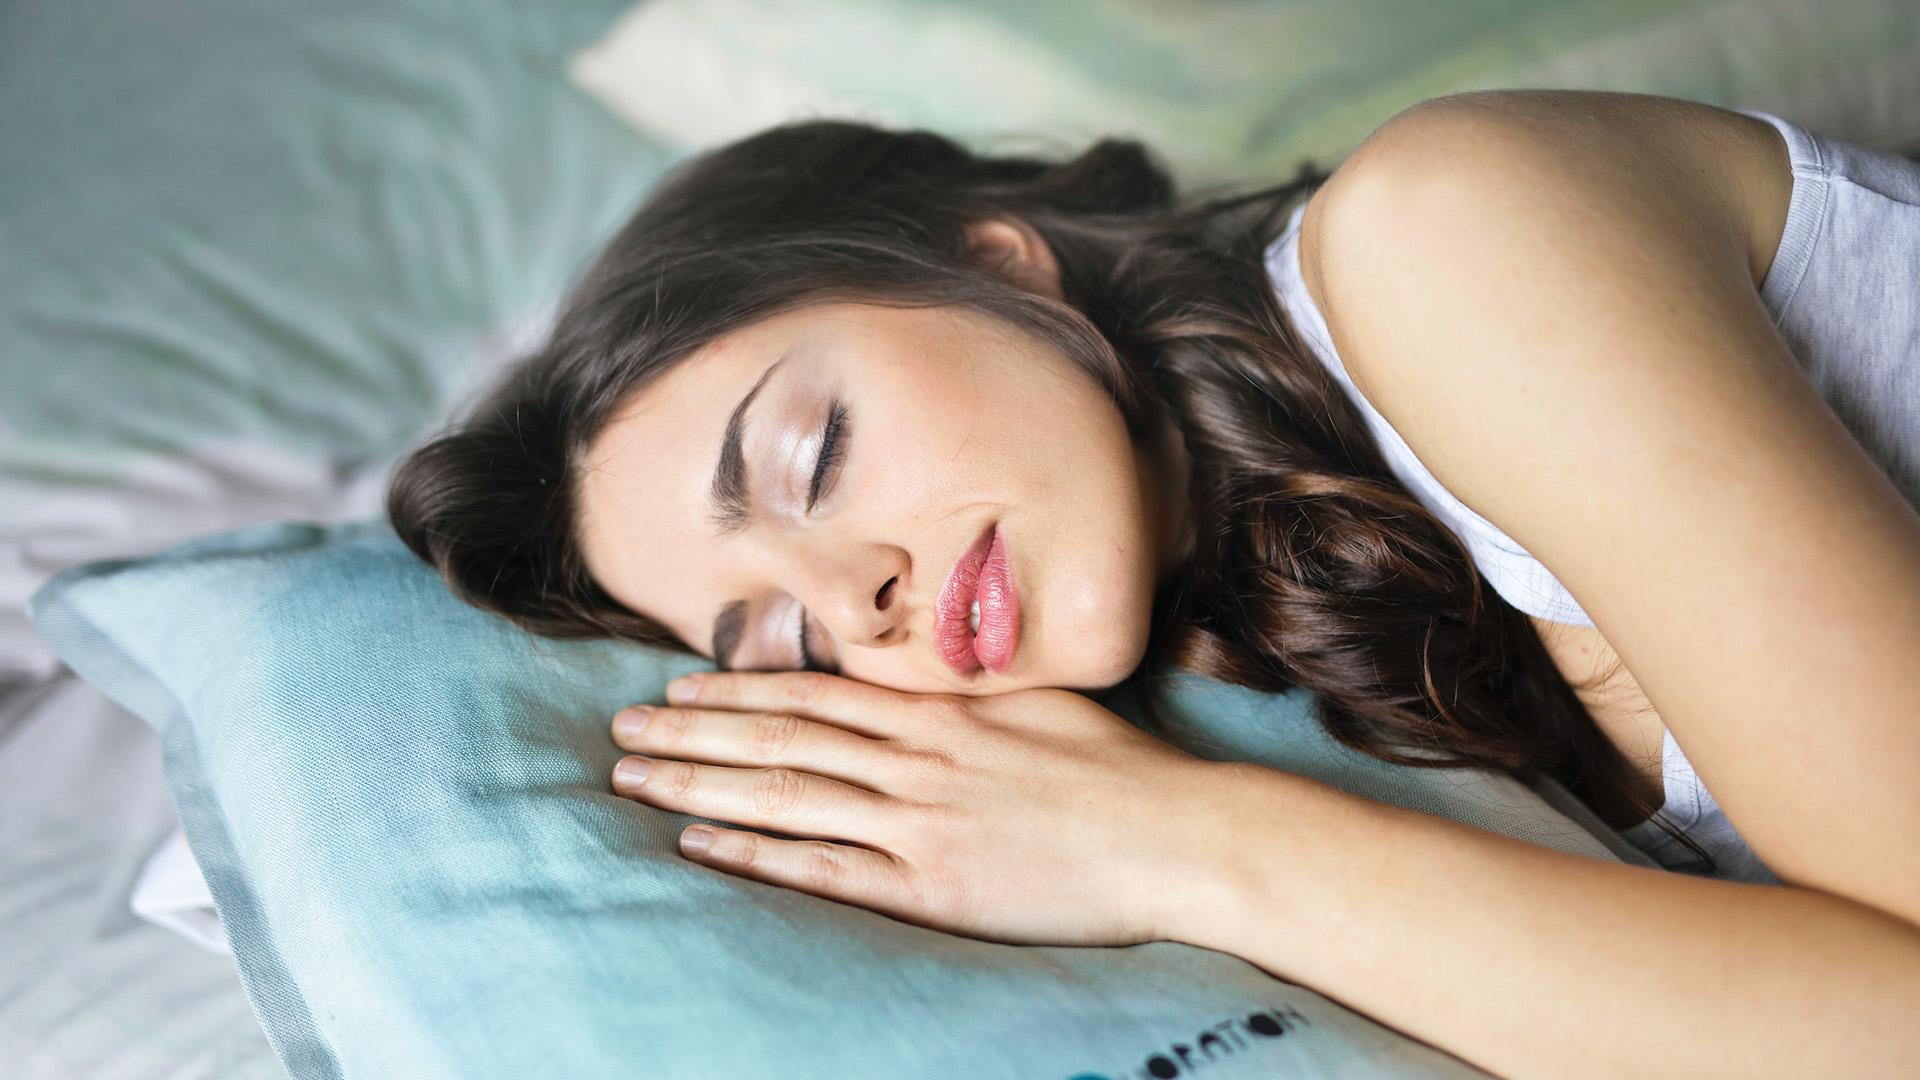 Sogni ricorrenti: quali significati nascondono i tuoi sogni?